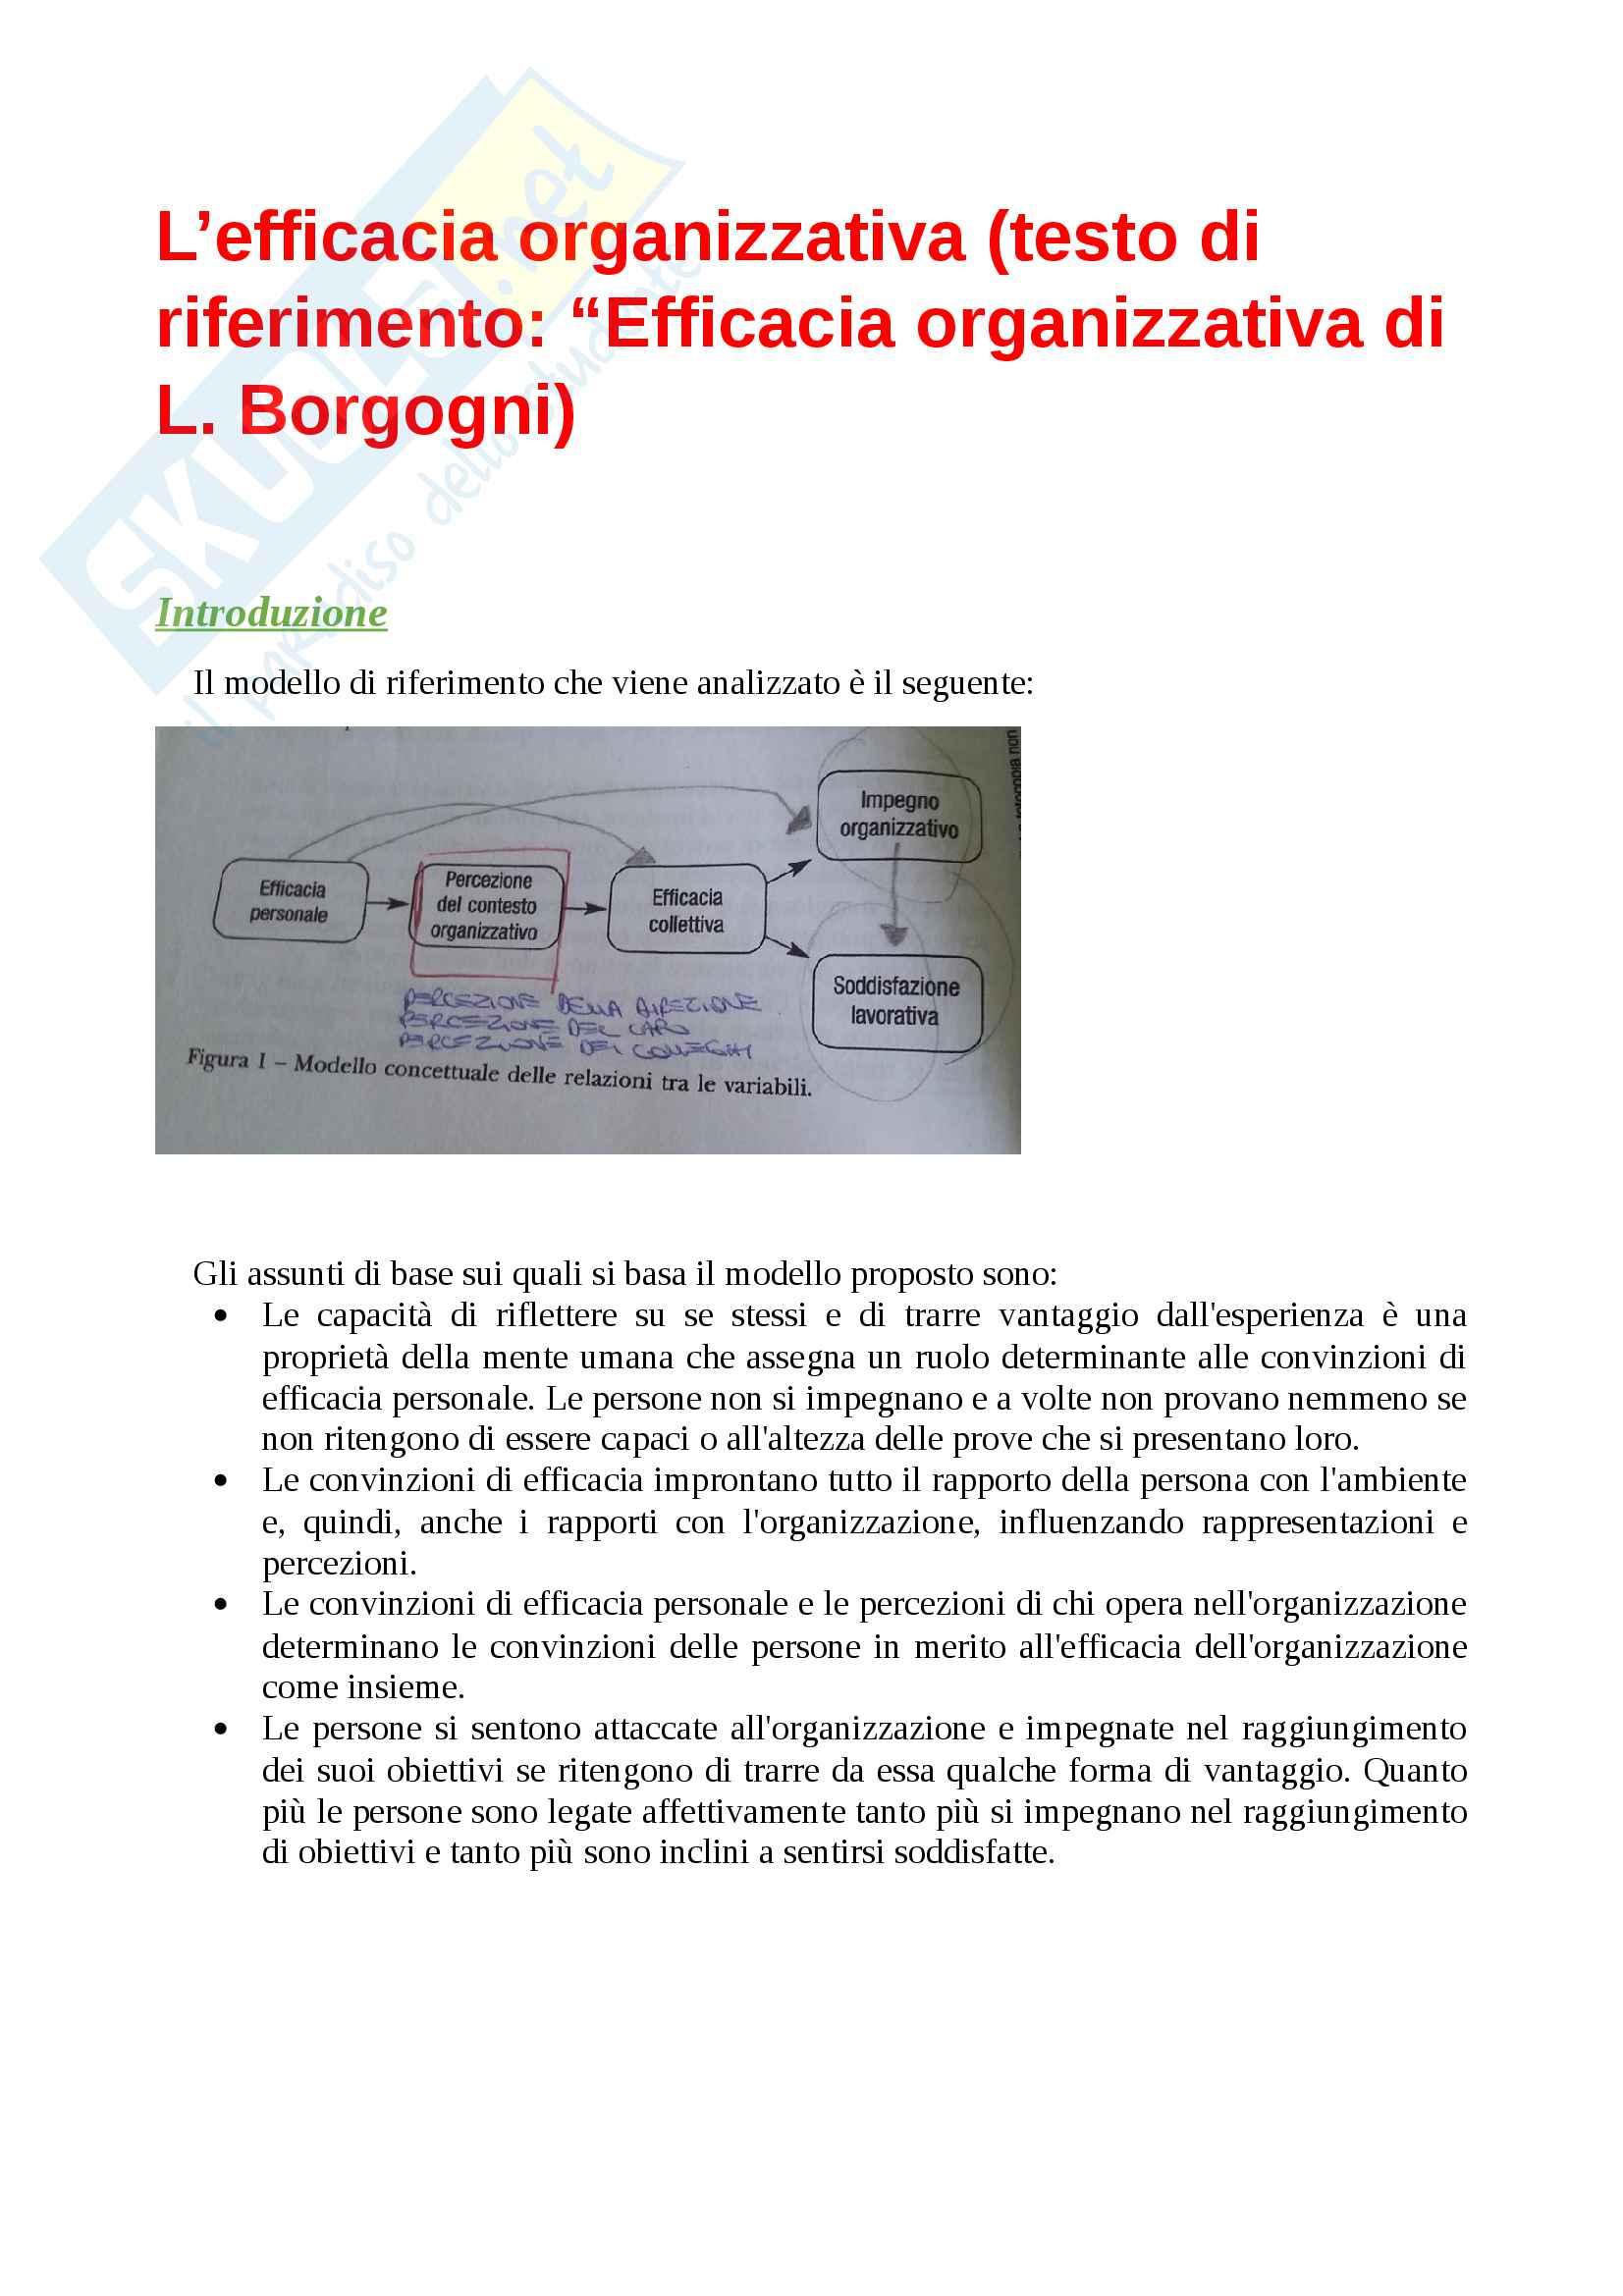 Efficacia individuale, collettiva, organizzativa